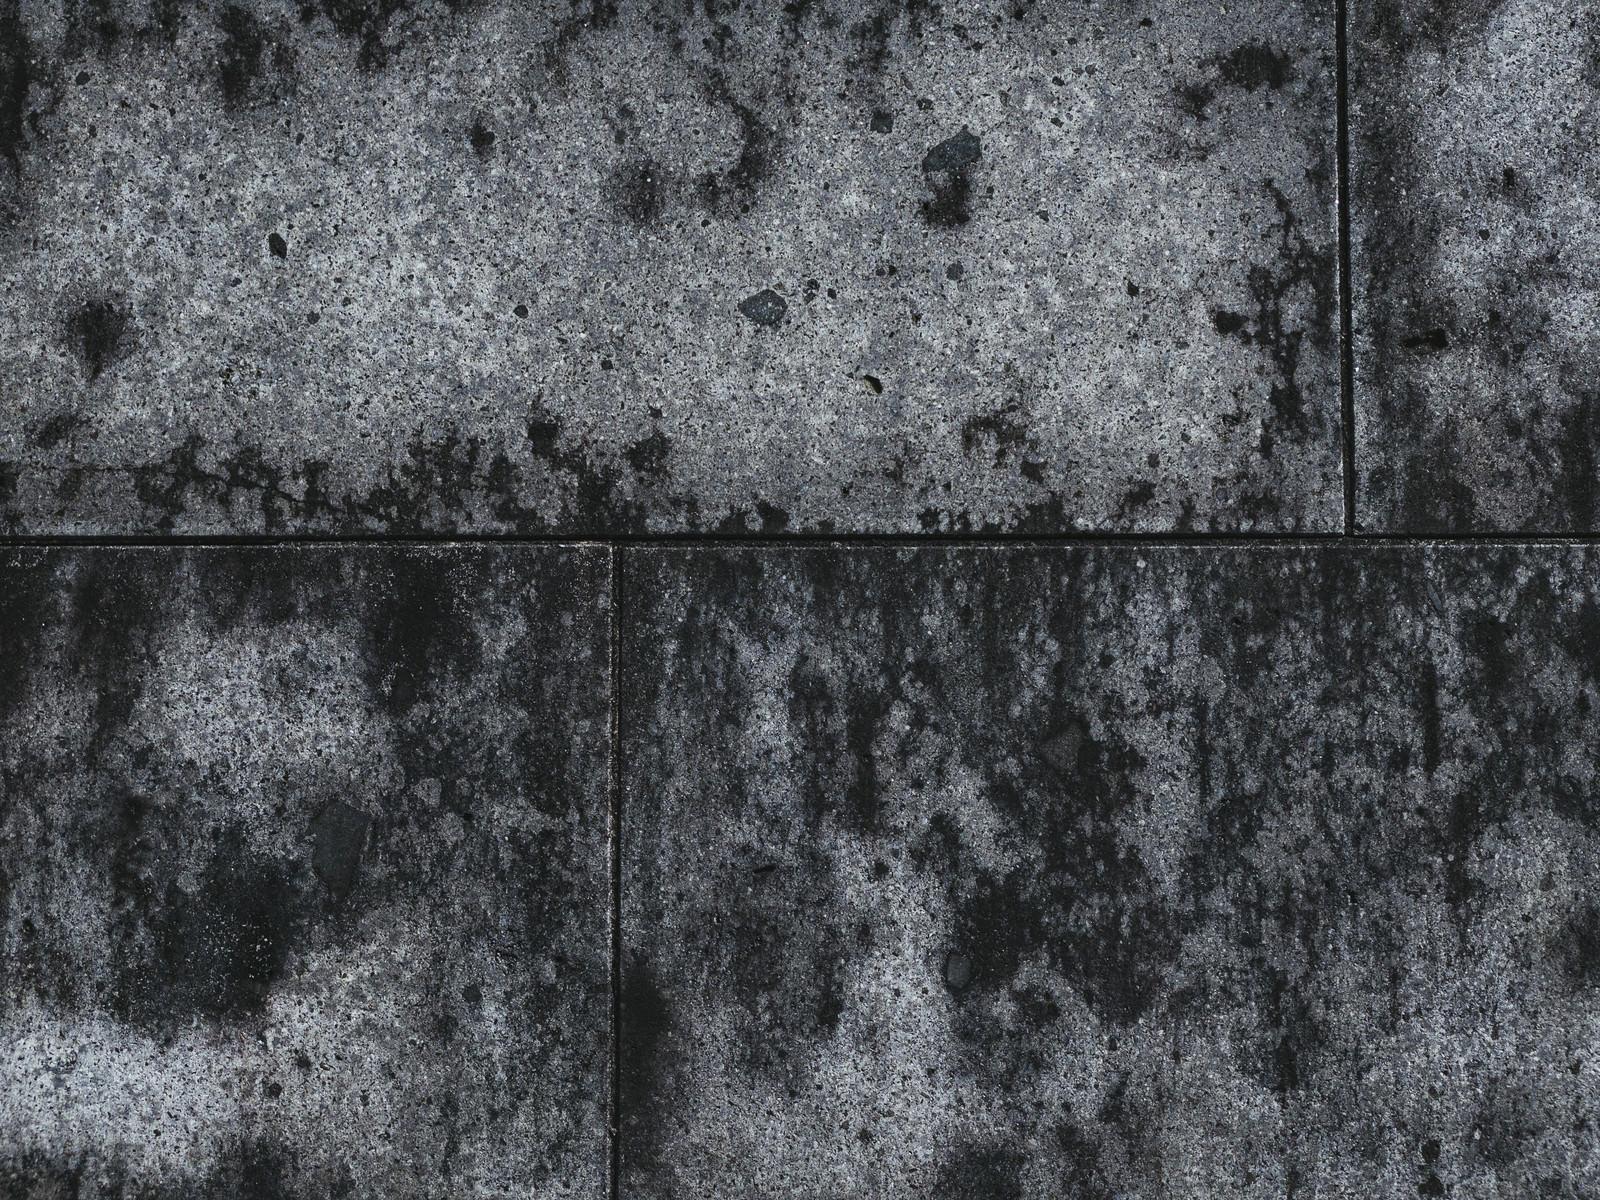 「シミのようにこびりついたコンクリートの壁」の写真